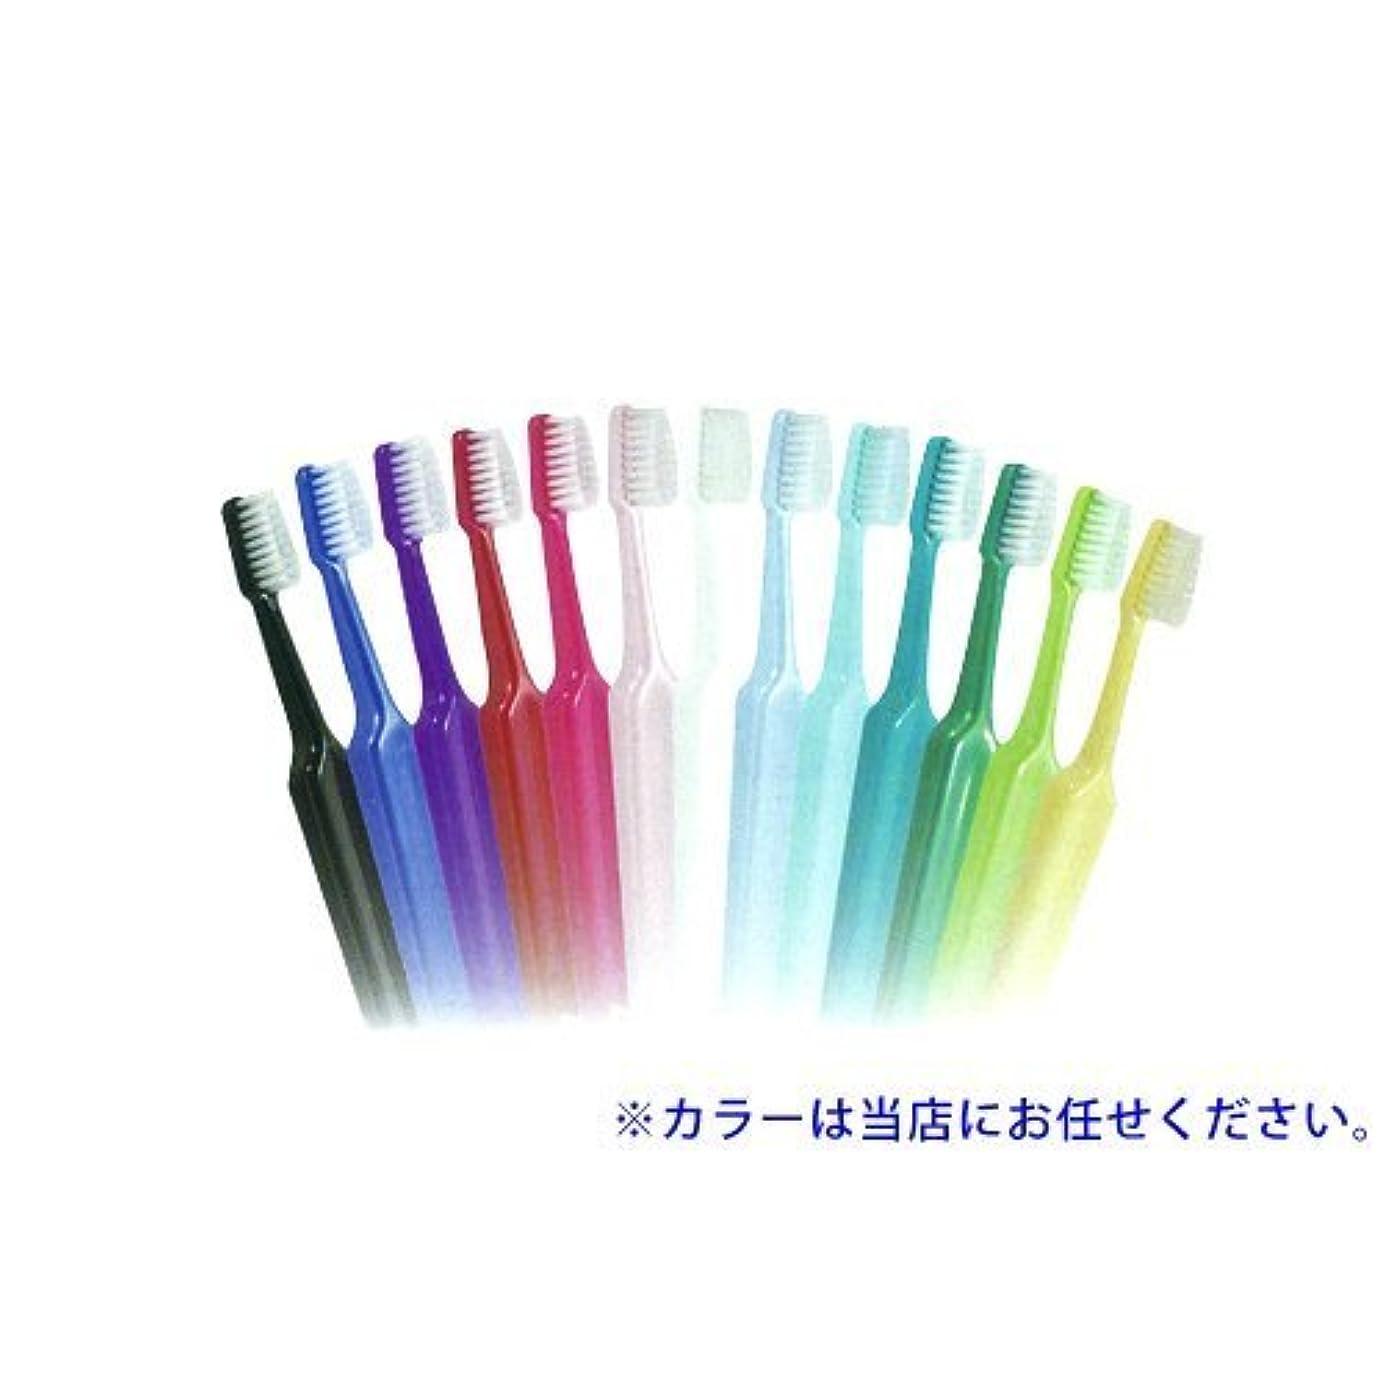 出発不条理セレナTepe歯ブラシ セレクトミニ/エクストラソフト 25本/箱